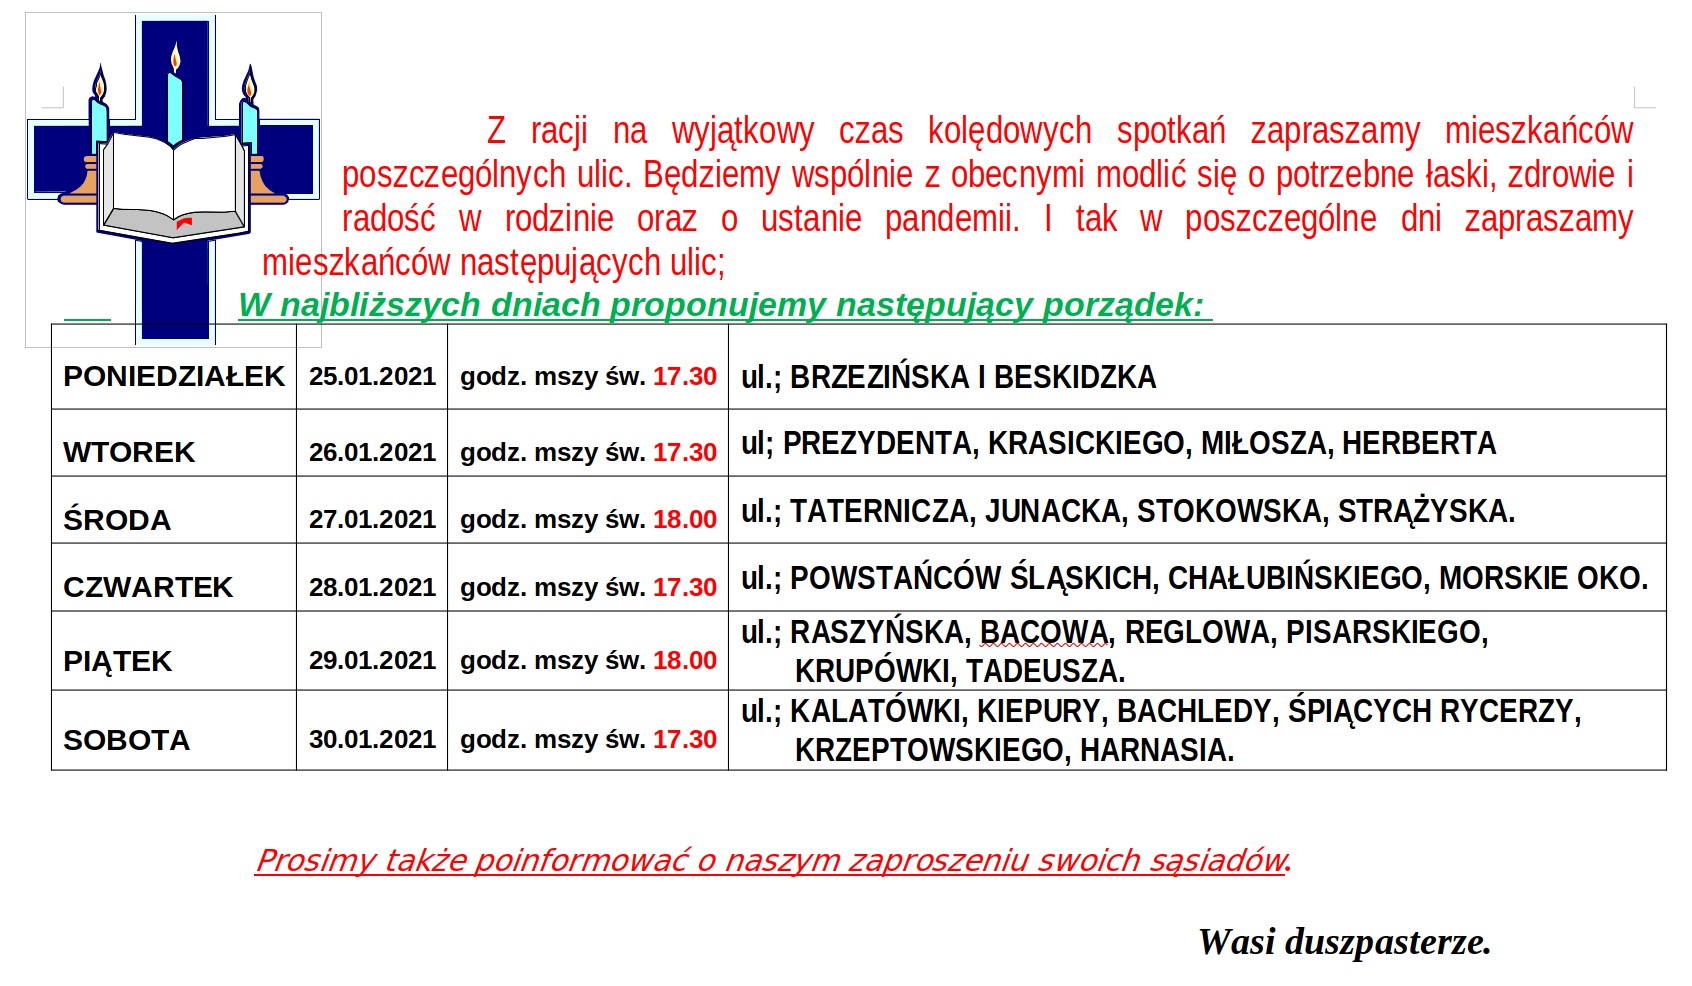 kol_2021-01-23 21-39-43